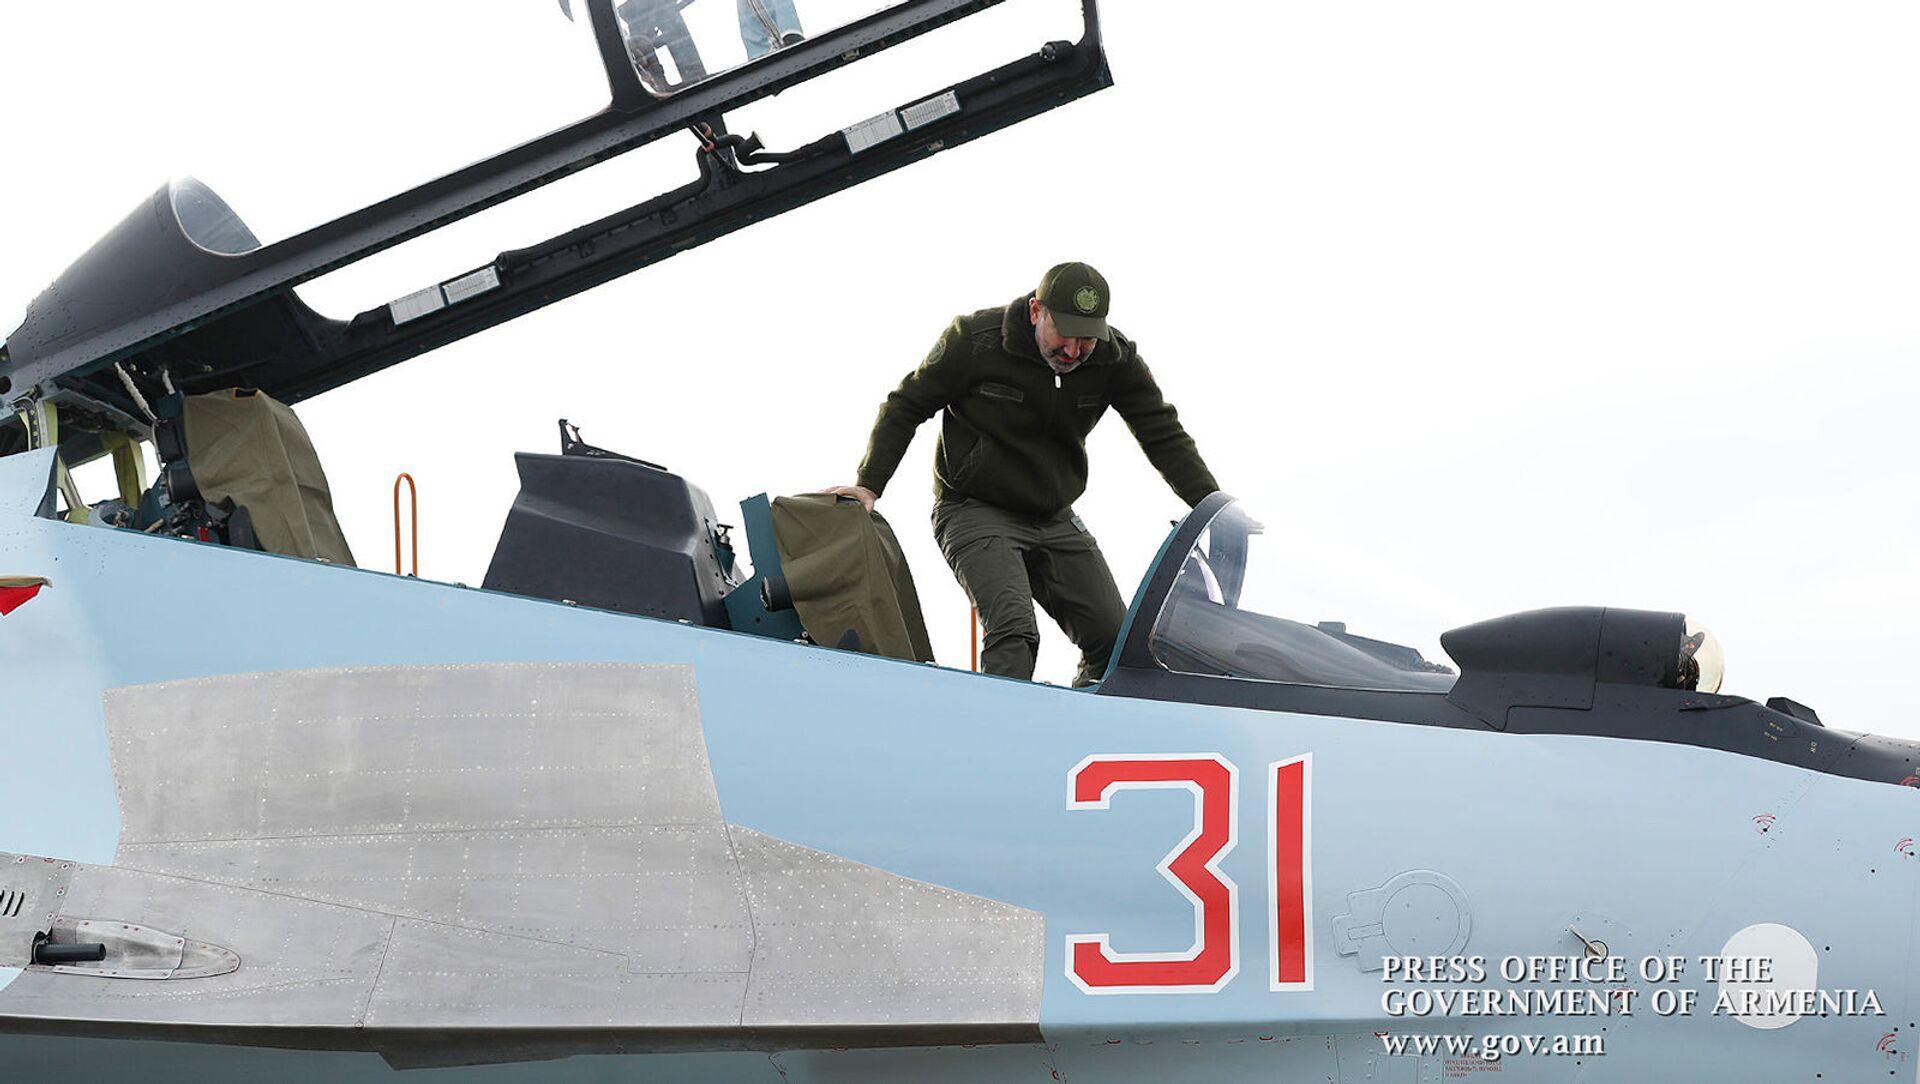 Премьер-министр Никол Пашинян поднимается в кабину новейшего СУ 30СМ (27 декабря 2019). - Sputnik Արմենիա, 1920, 14.08.2021